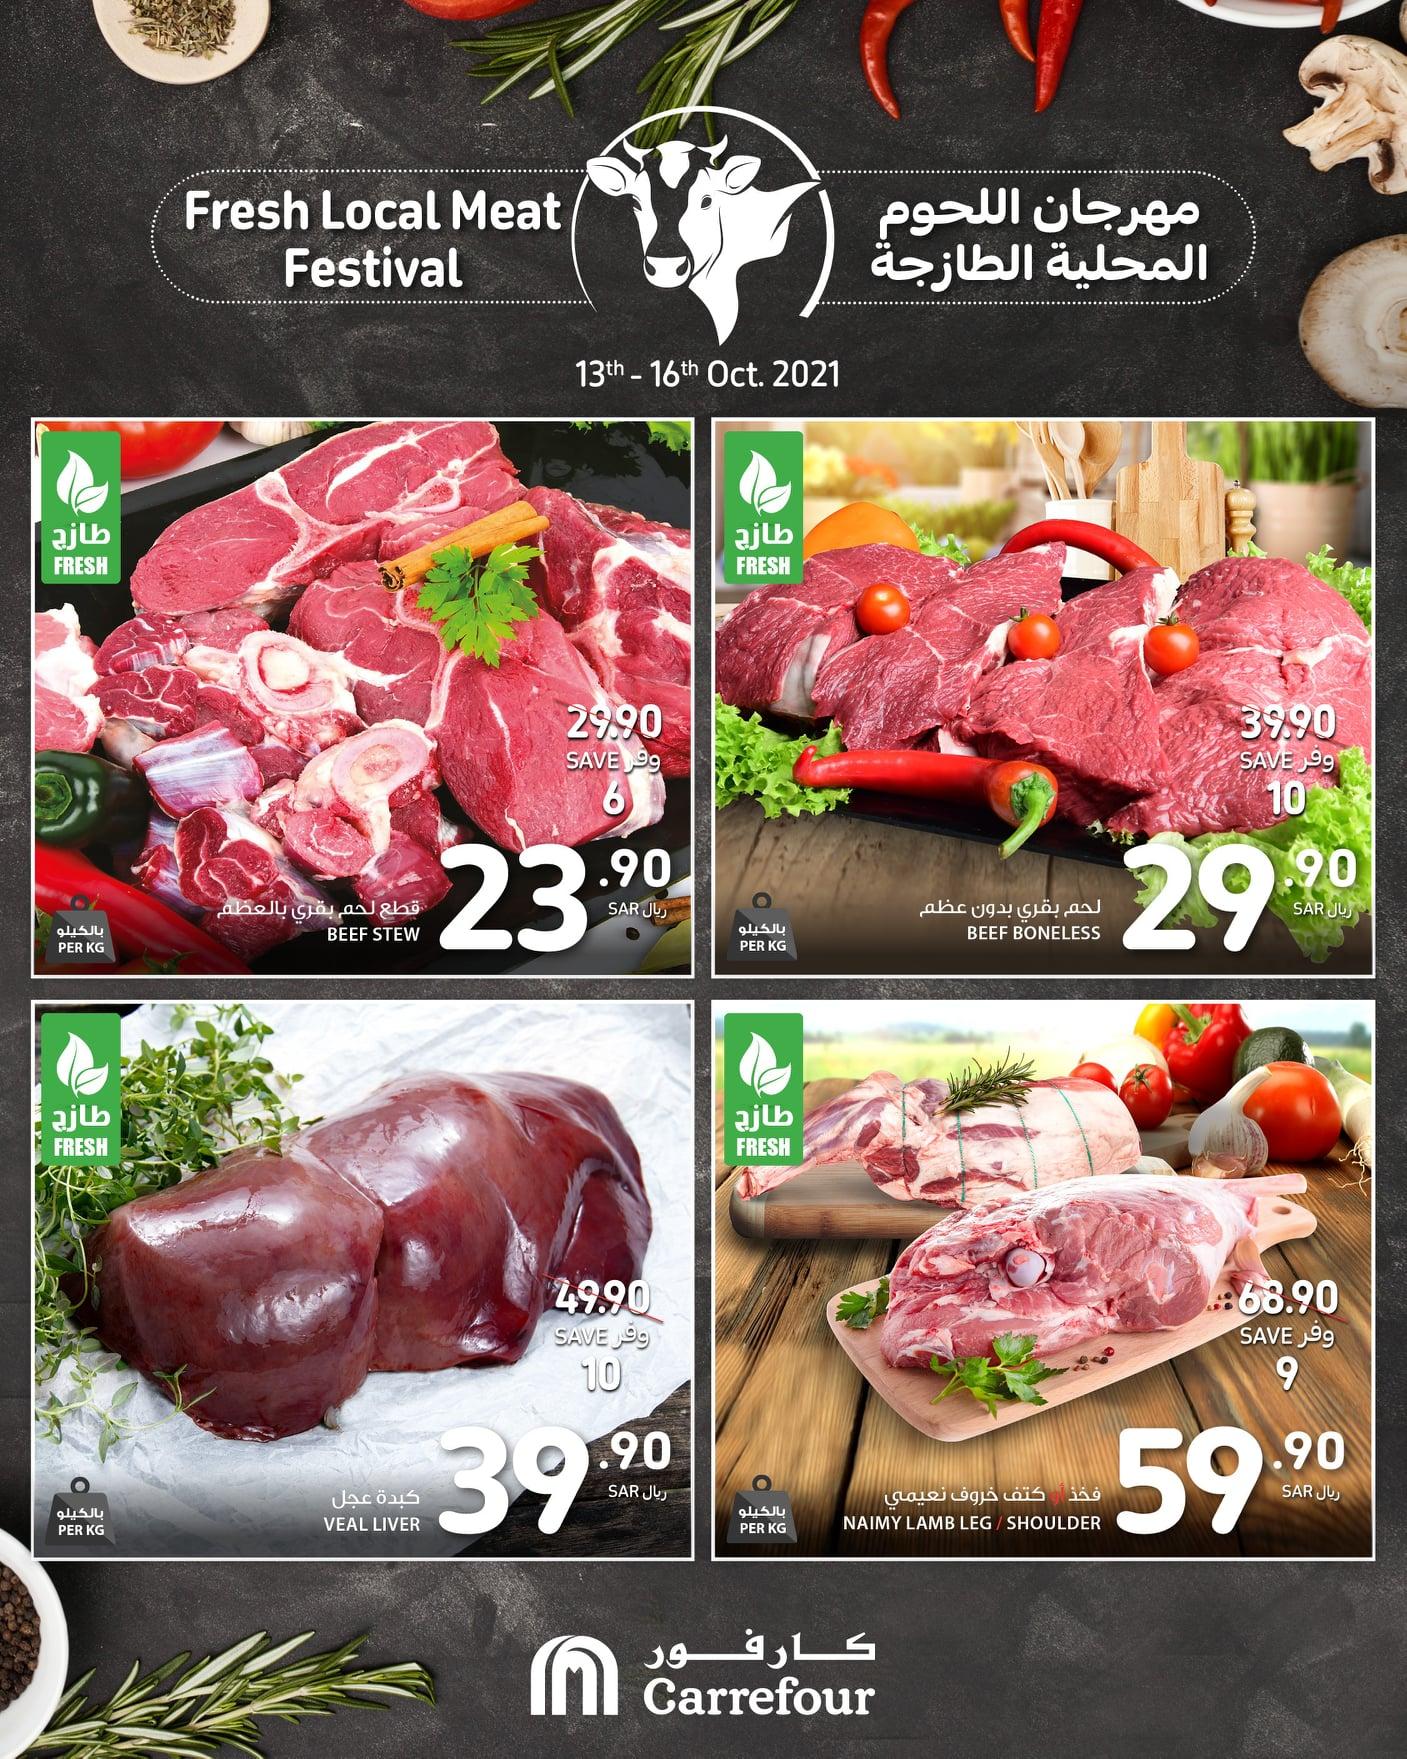 عروض كارفور السعودية اليوم 13 اكتوبر حتى 16 اكتوبر 2021 مهرجان اللحوم